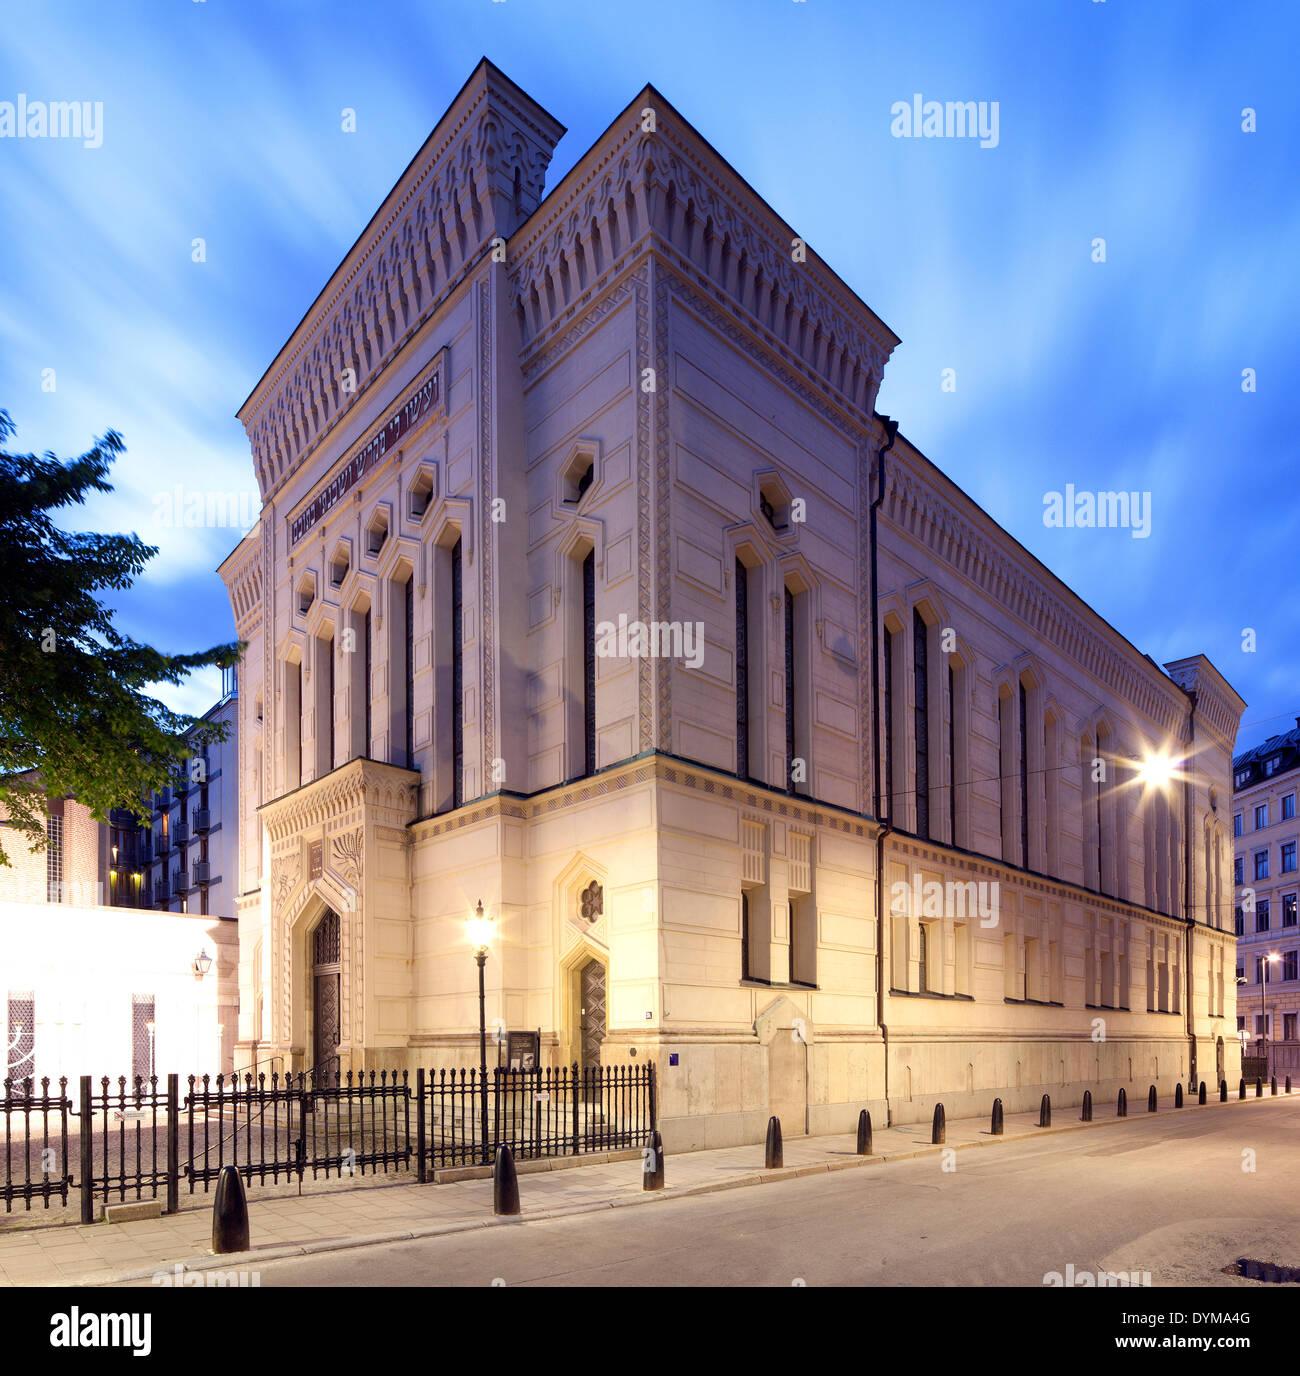 Great Synagogue, Stora synagogan, Stockholm, Stockholm County, Sweden - Stock Image